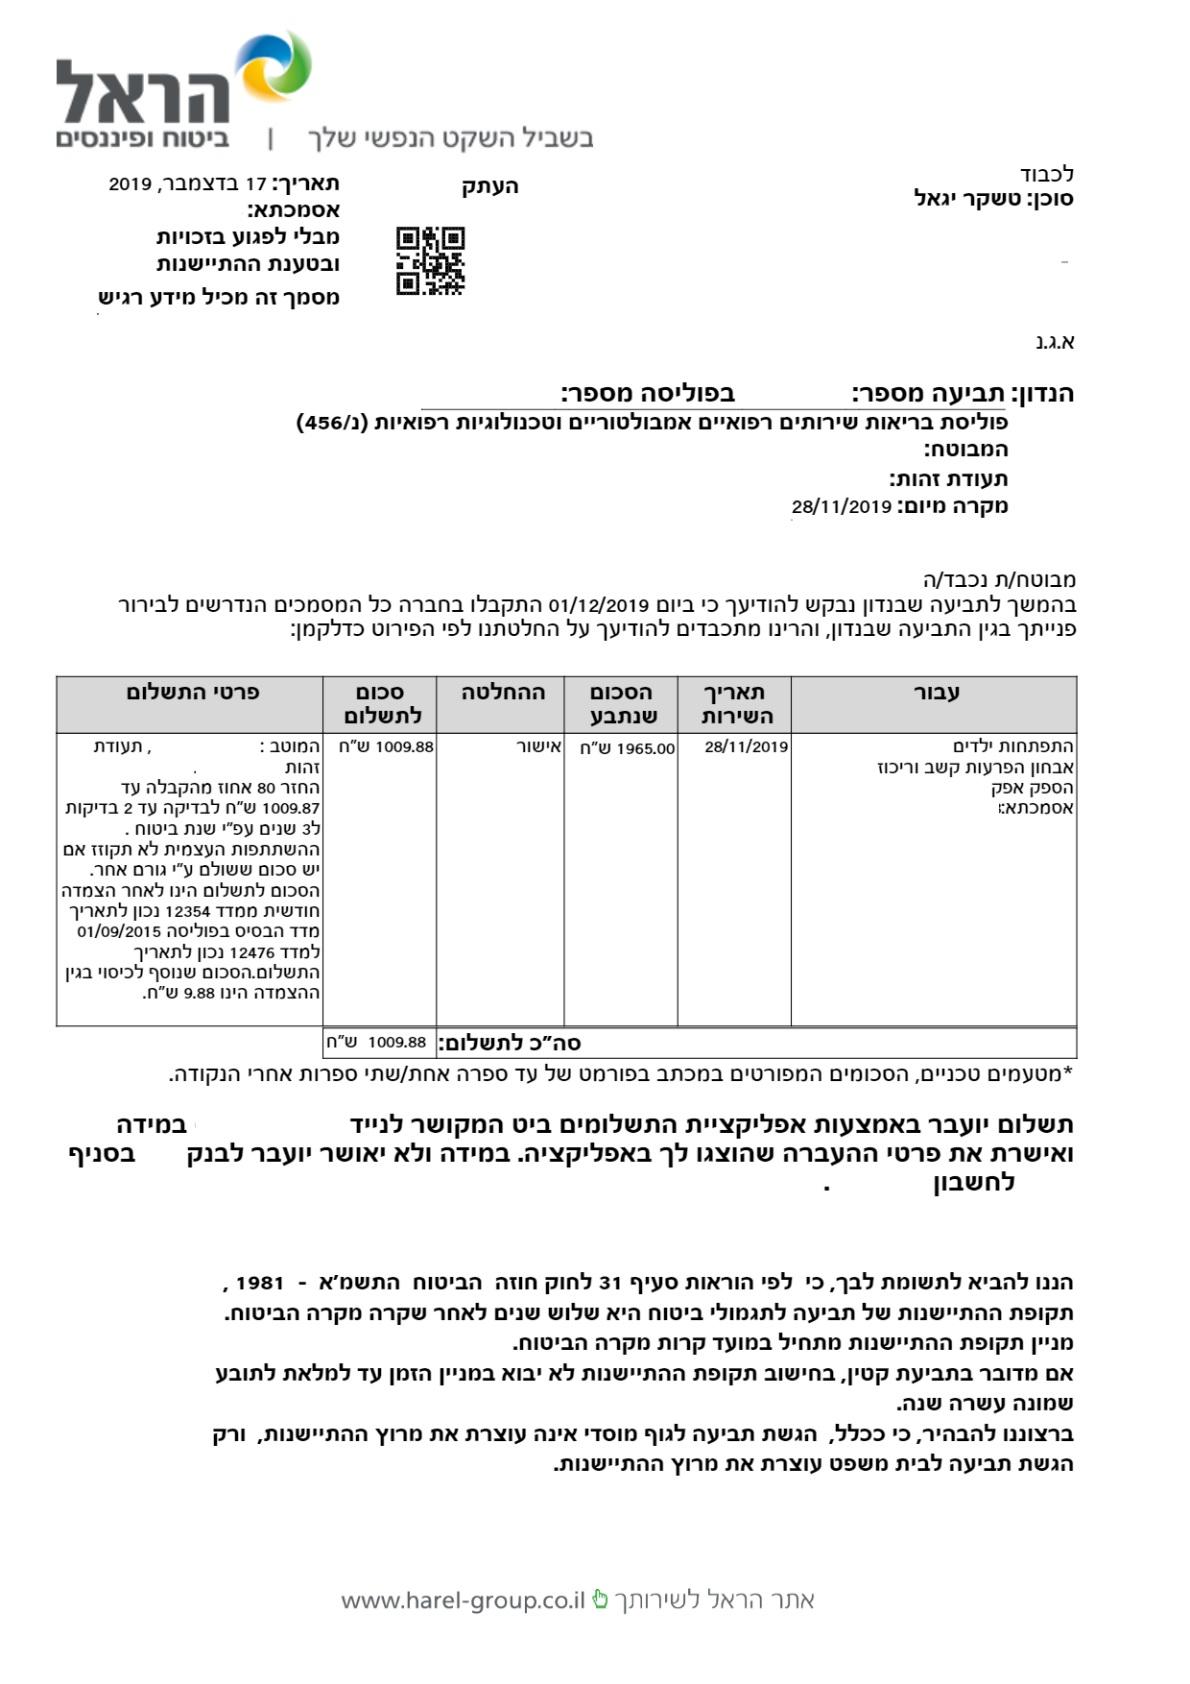 תביעת החזר עבור אבחון הפרעות קשב וריכוז - 17/19/2019